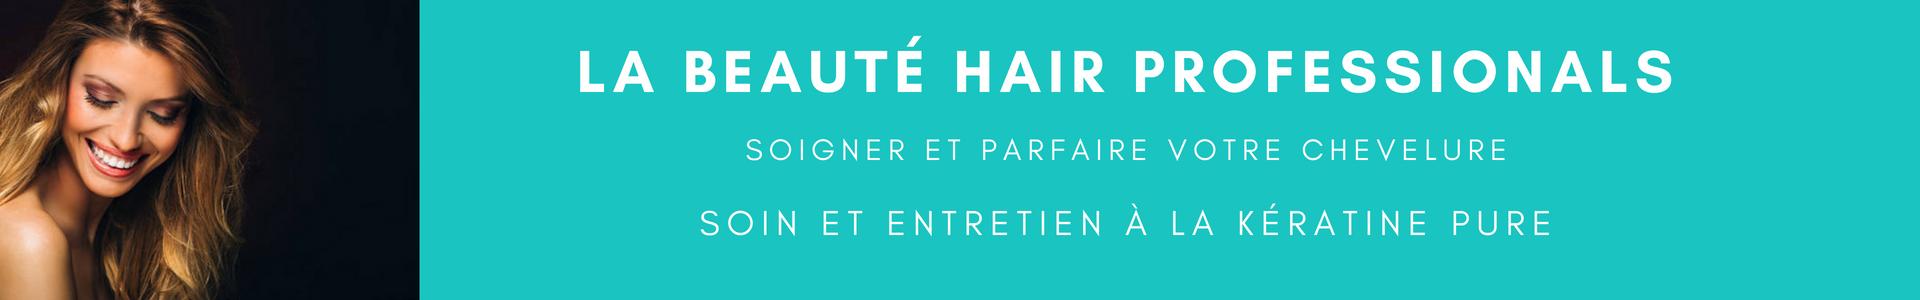 la beauté hair professionals distributeur officiel hairstyleshop